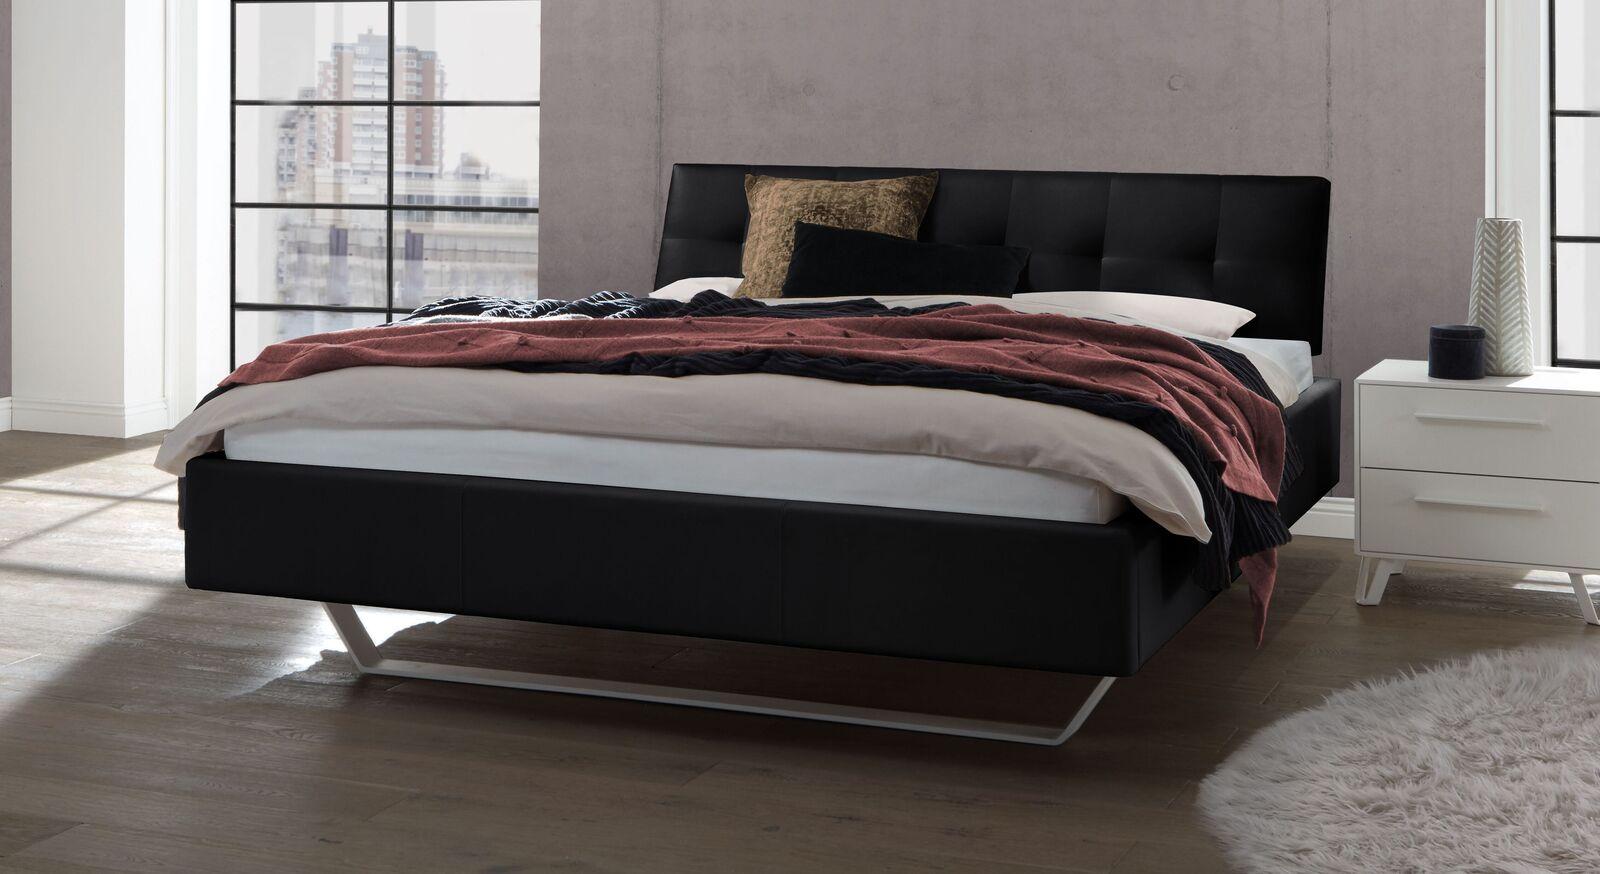 Bett Liene aus Echtleder in Schwarz